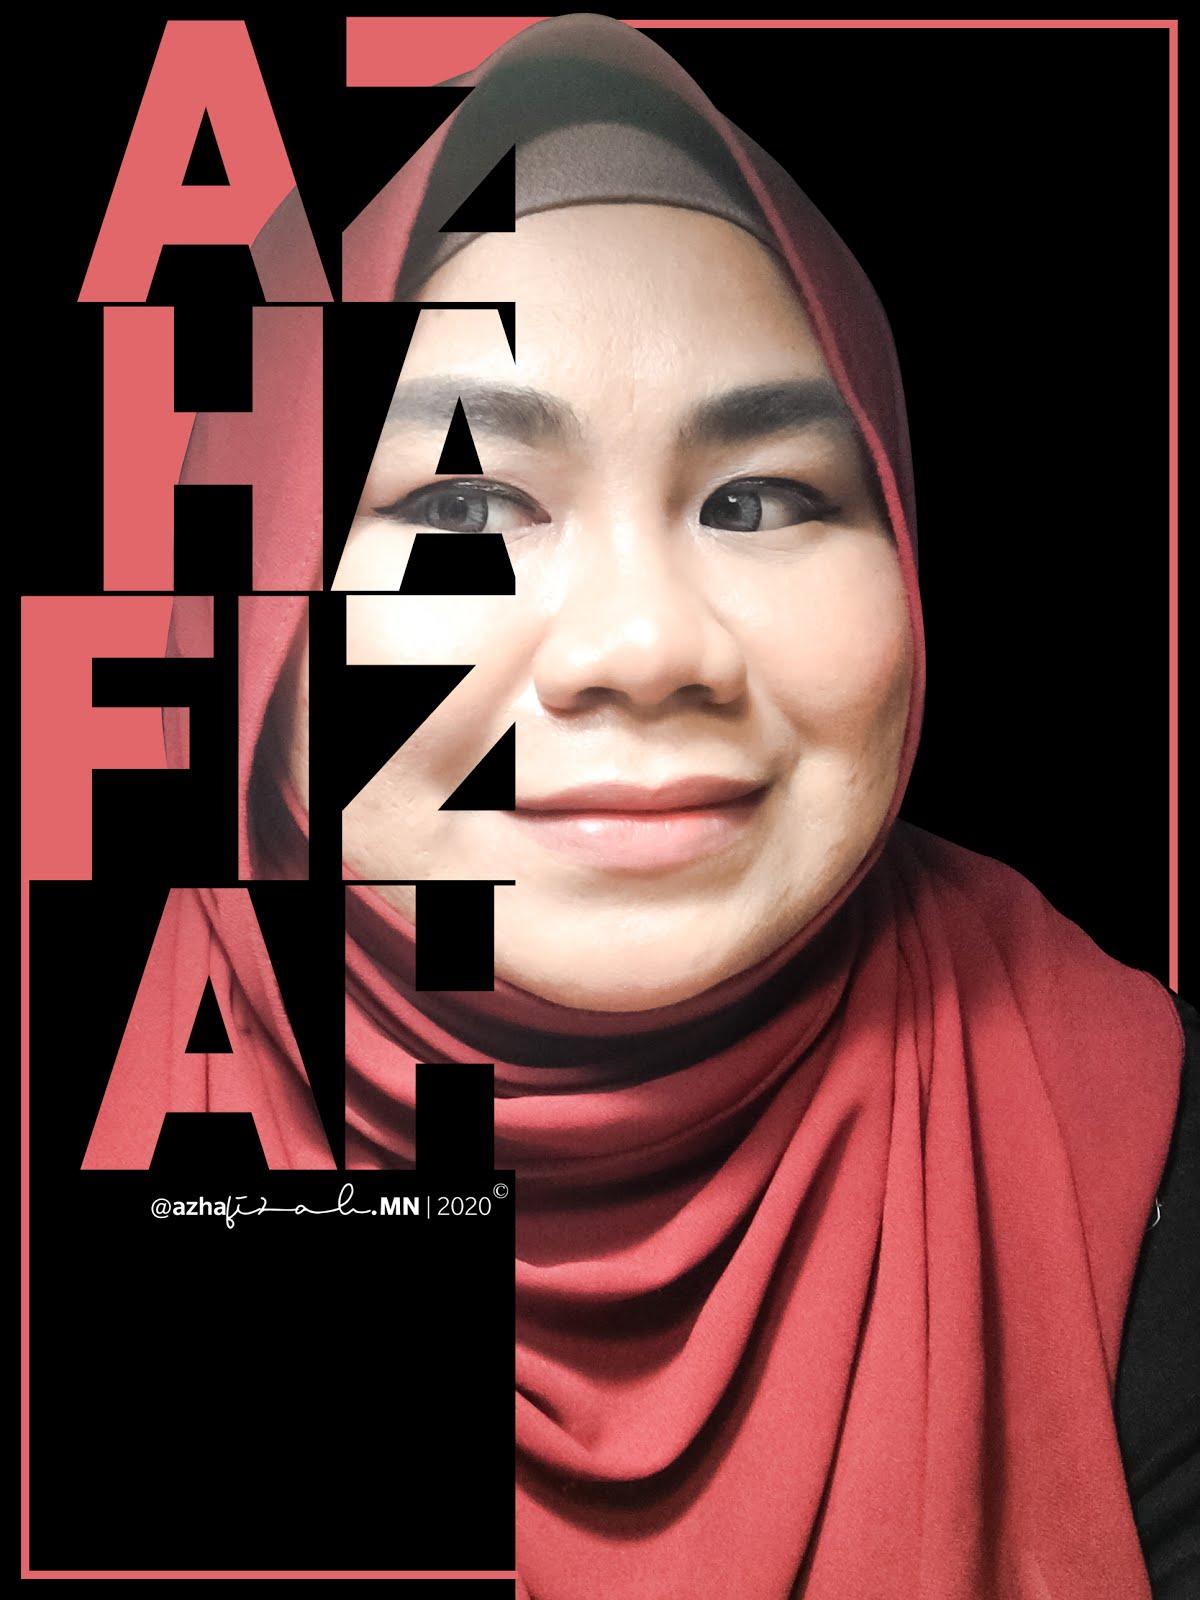 Hello, I'm Fiza